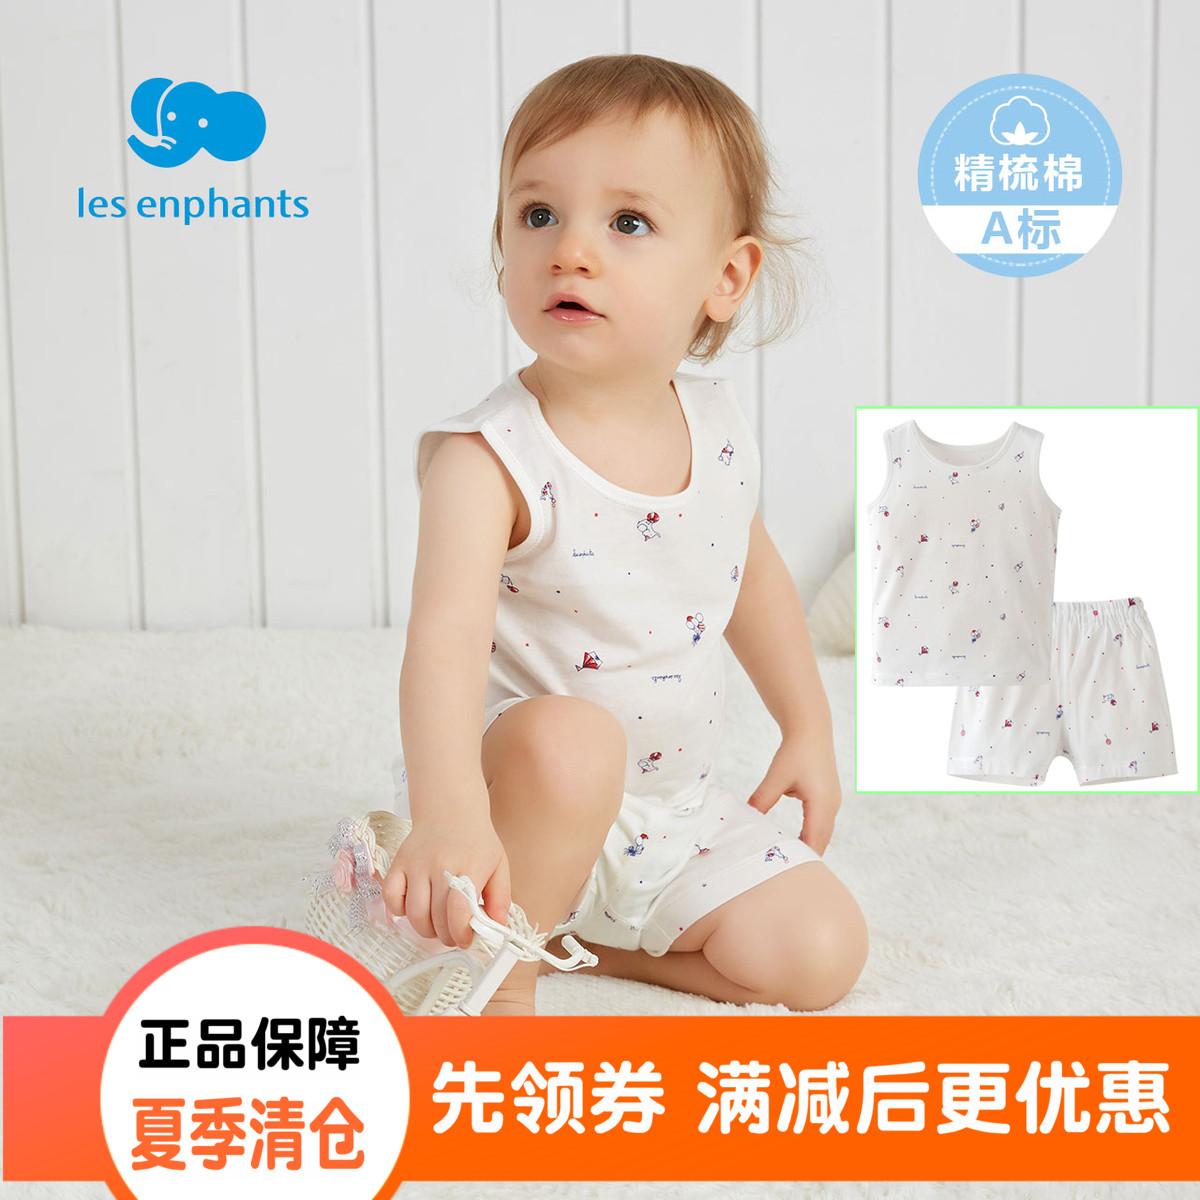 丽婴房背心套装 2018新款纯棉套装内衣男女宝宝夏季薄款儿童背心